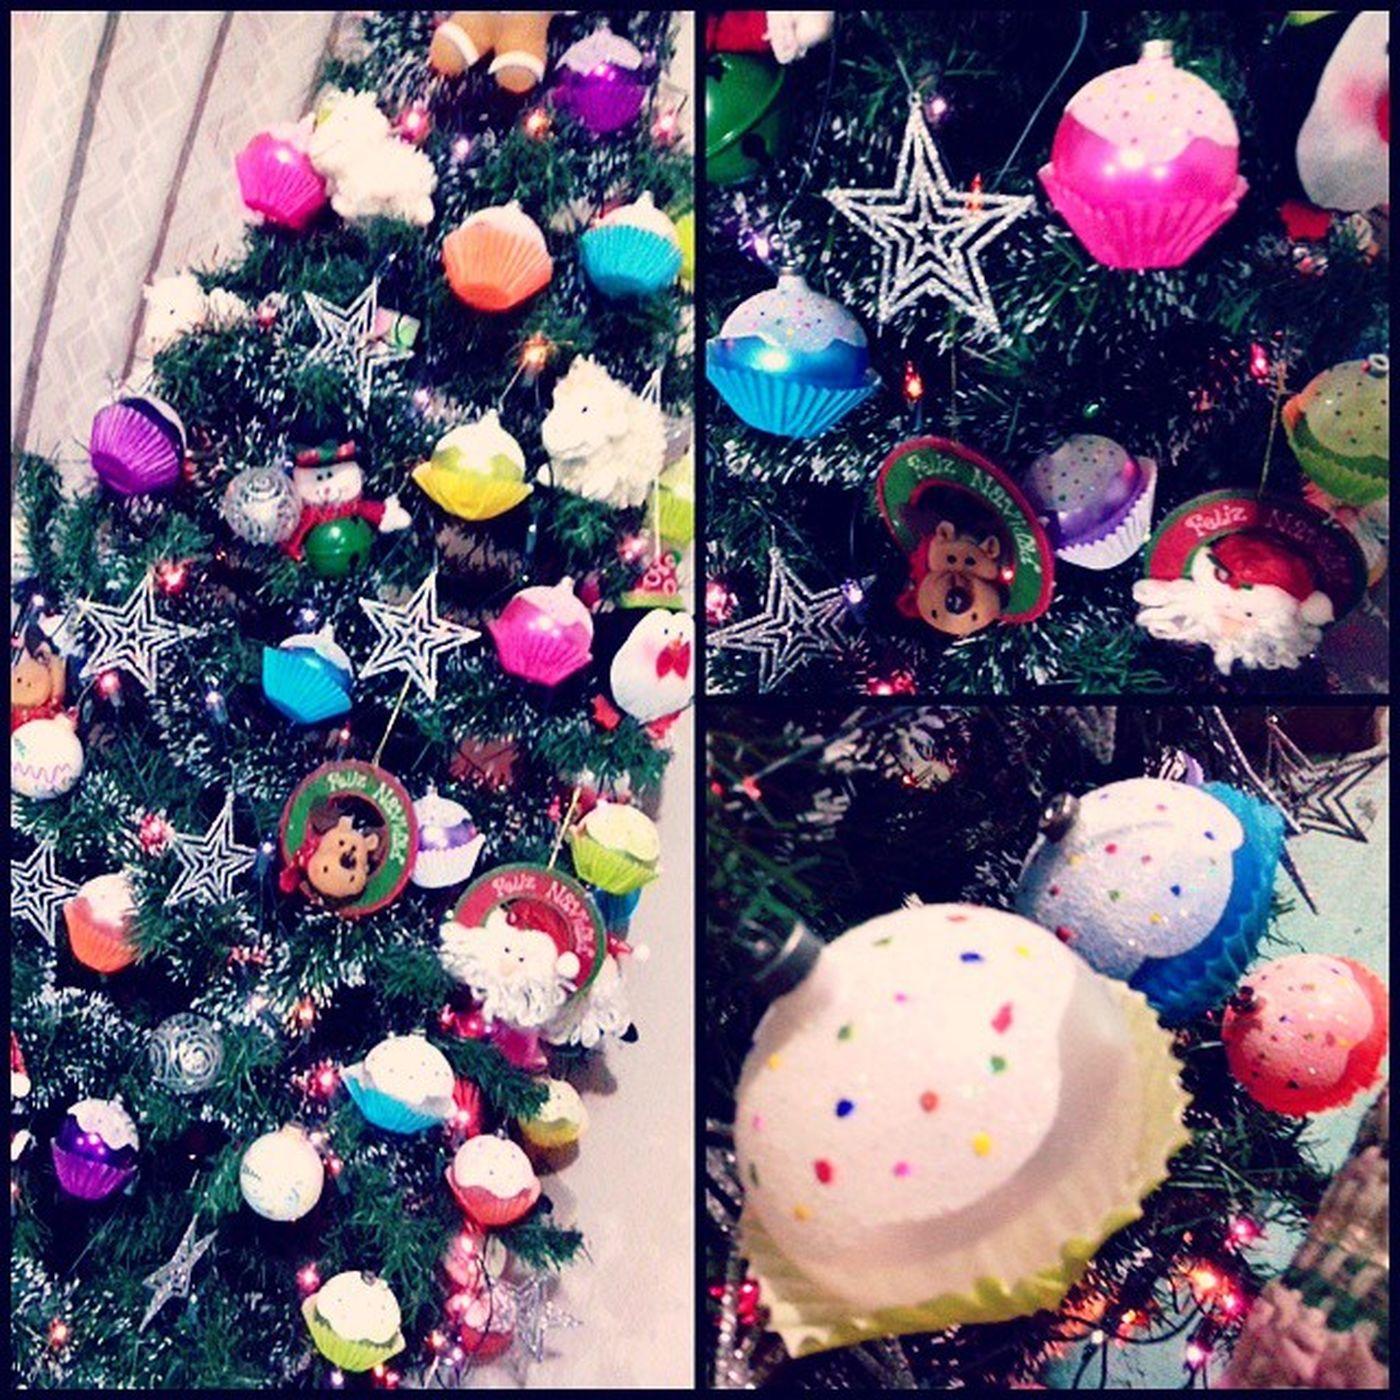 29 de Noviembre y ya está el Árbol Navideño puesto. ??? Espiritunavideño árboldenavidad Navidad Diciembre XOXO FollowMe ??